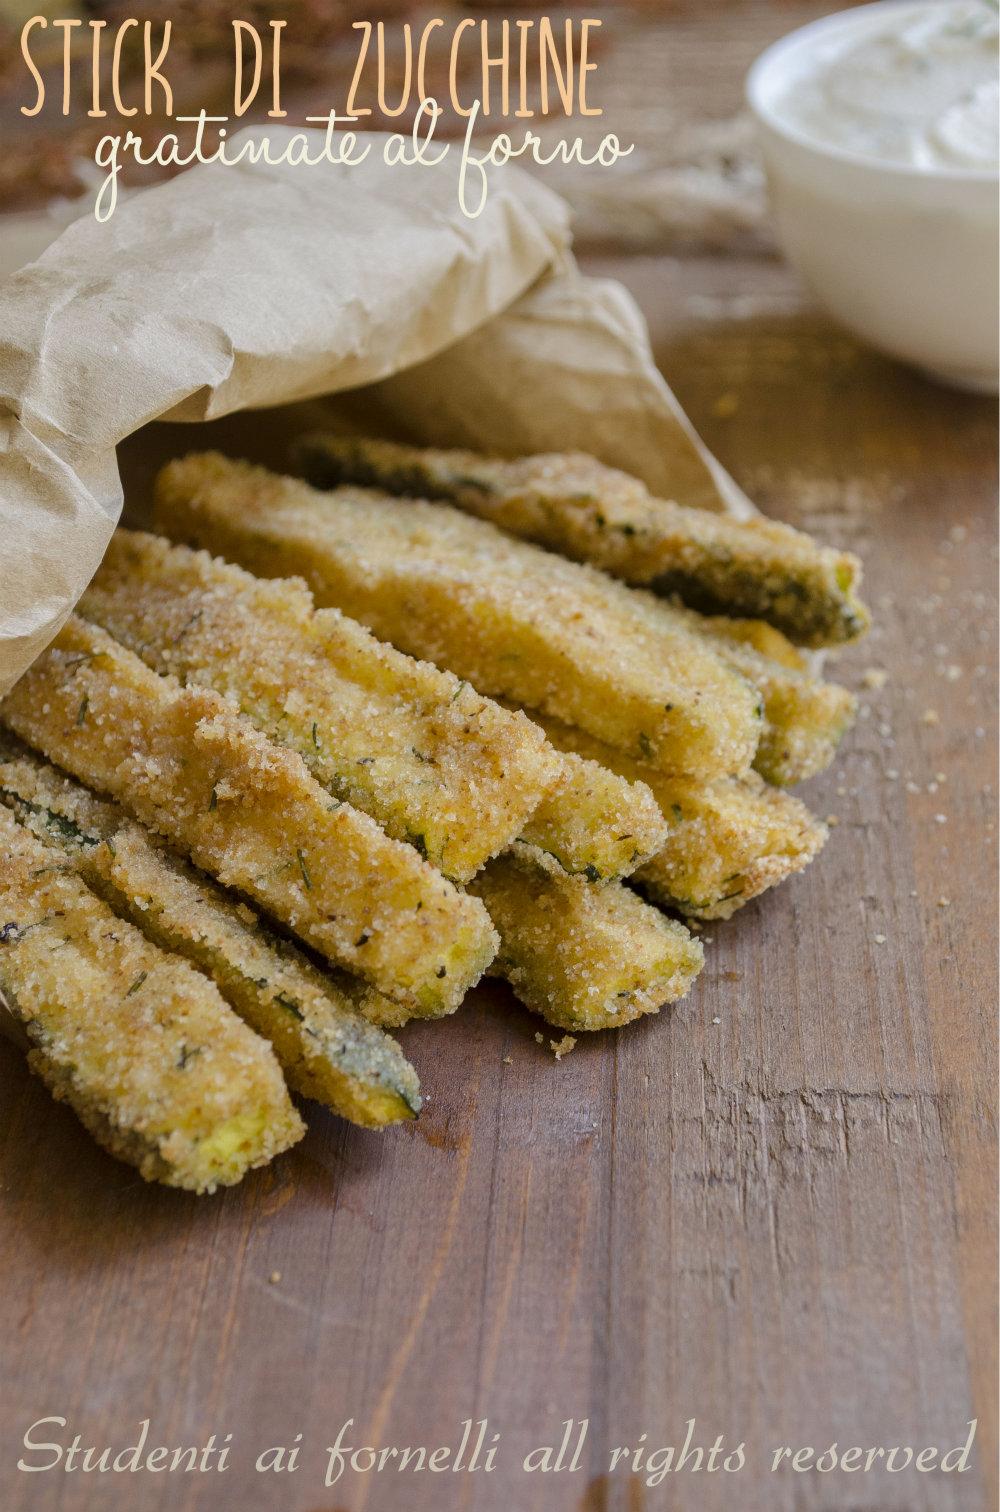 stick di zucchine al forno ricetta contono con zucchine